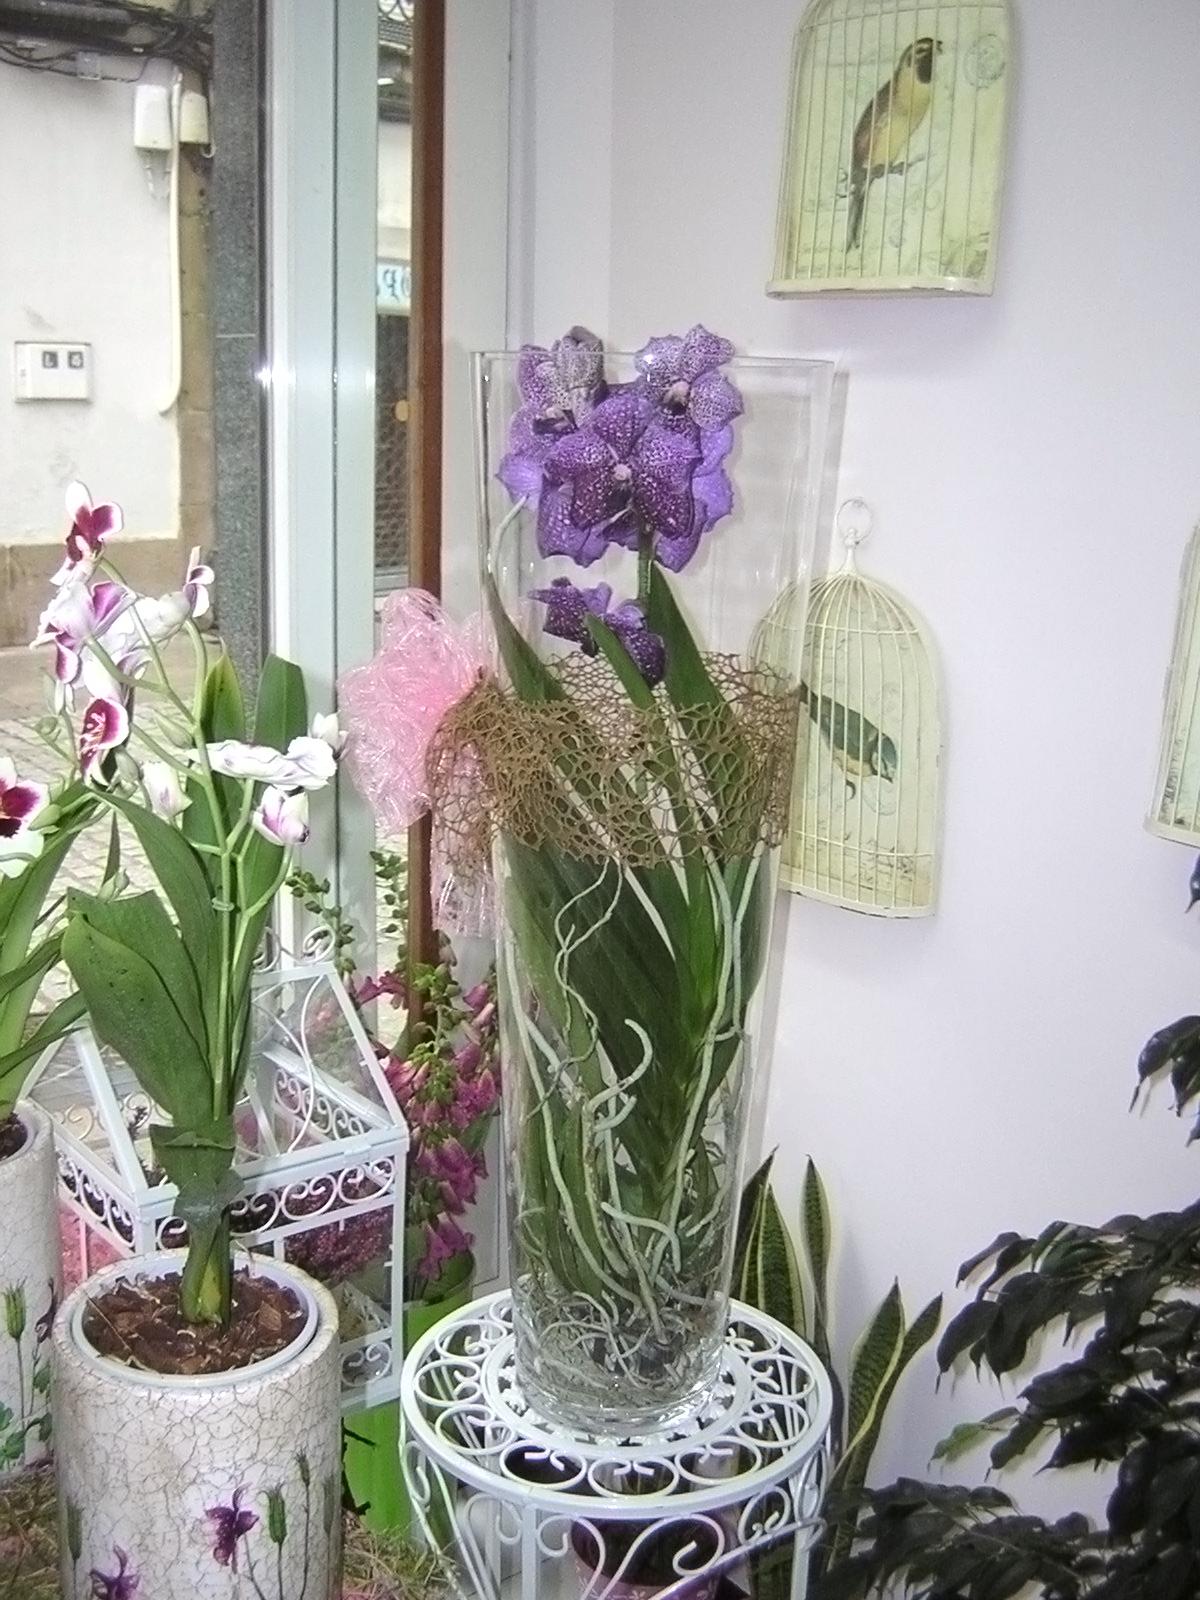 Los Cuidados De La Orquidea Vanda Orquideas Pinterest Orchid - Cuidados-de-la-orqudea